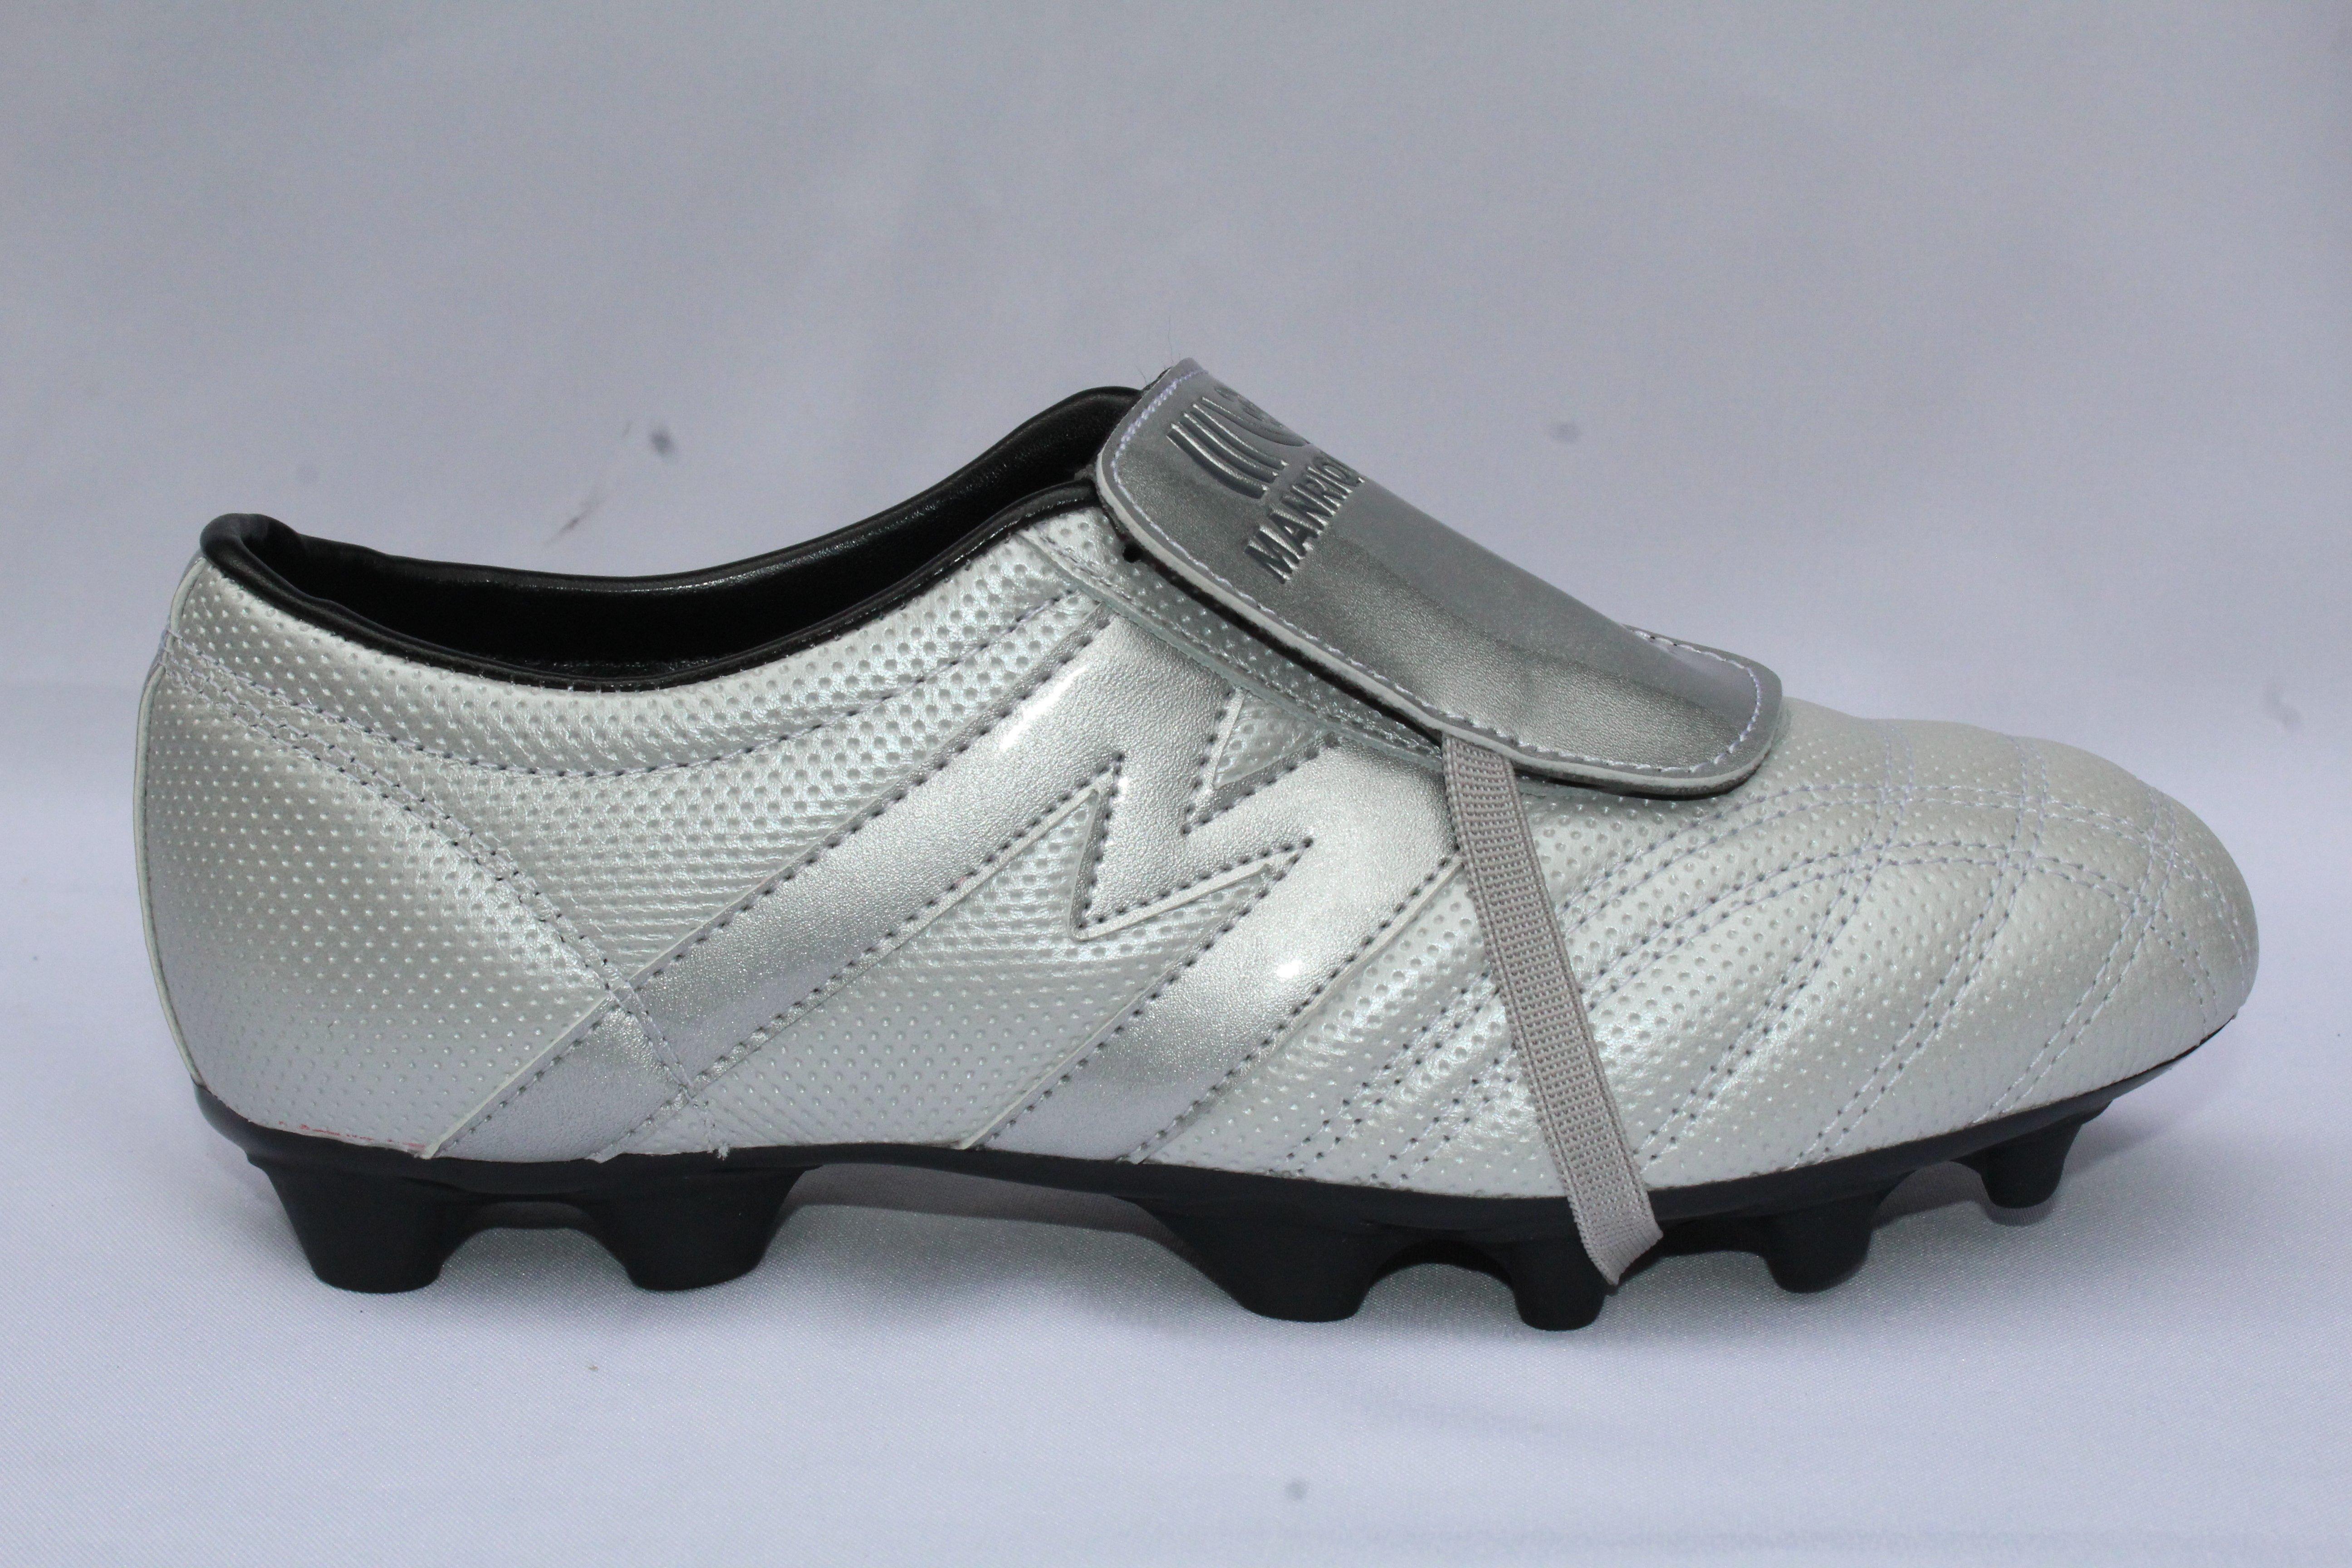 50e540795fee 2257-Zapato de Fútbol Manriquez MID SX PLUS Plata/Negro | Tienda ...